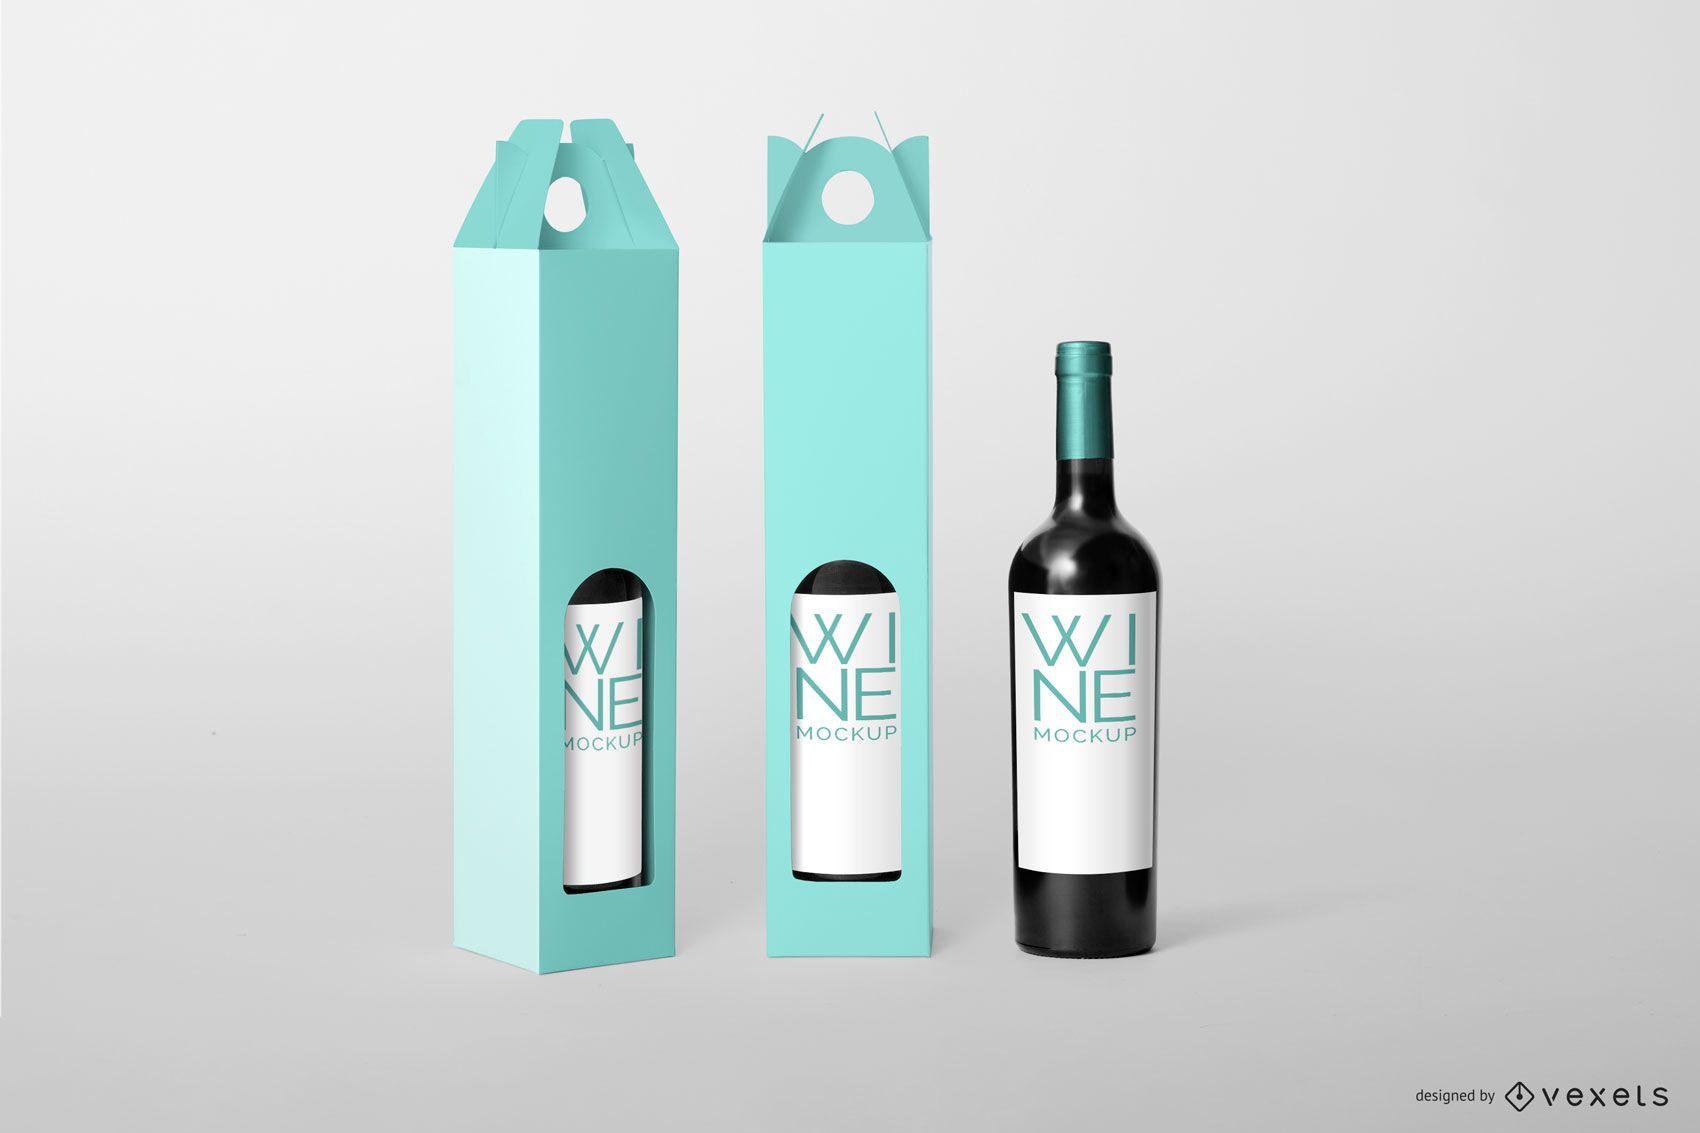 Wine Packaging Editable Mockup